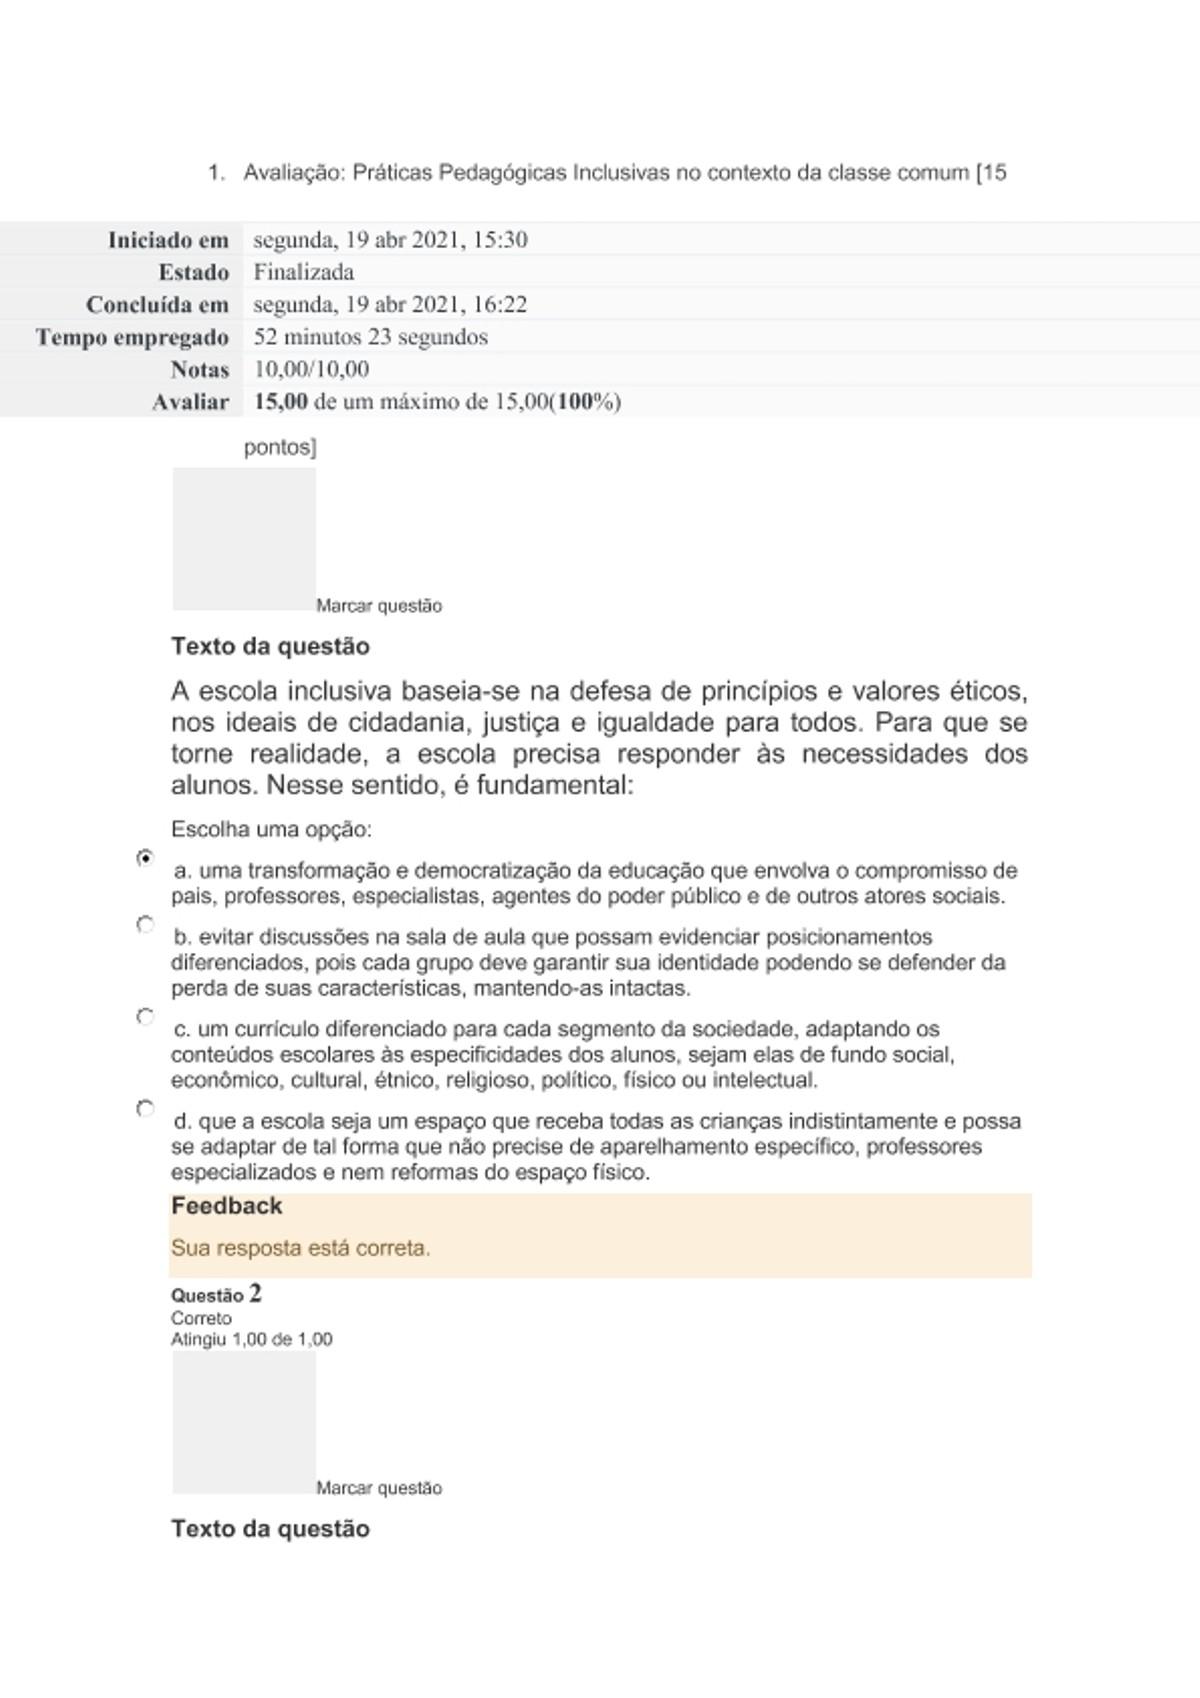 Pre-visualização do material prova 2 Avaliação_Práticas Pedagógicas Inclusivas no contexto da classe comum - página 1